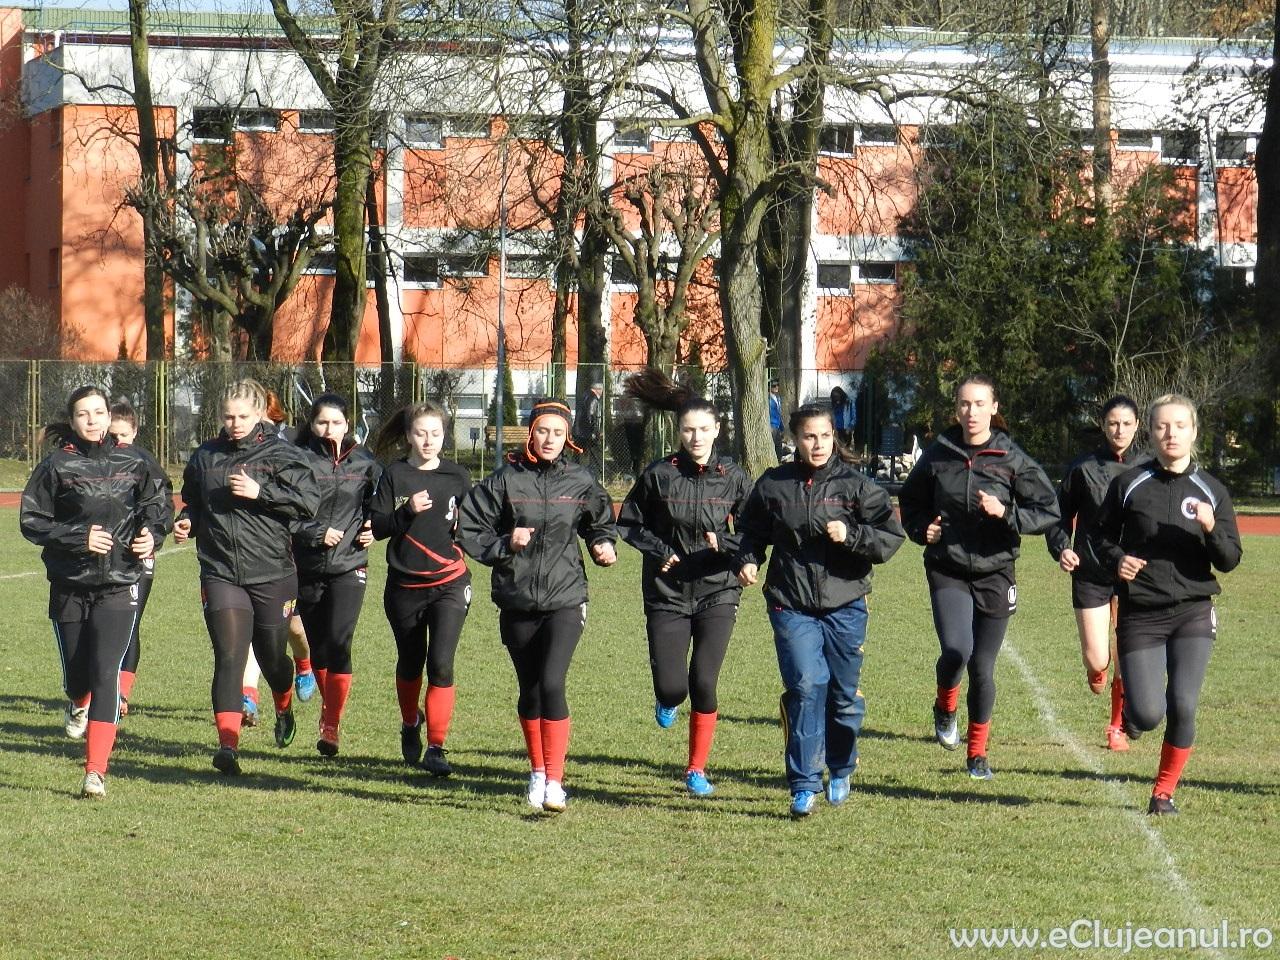 U Cluj rugby feminin in 7